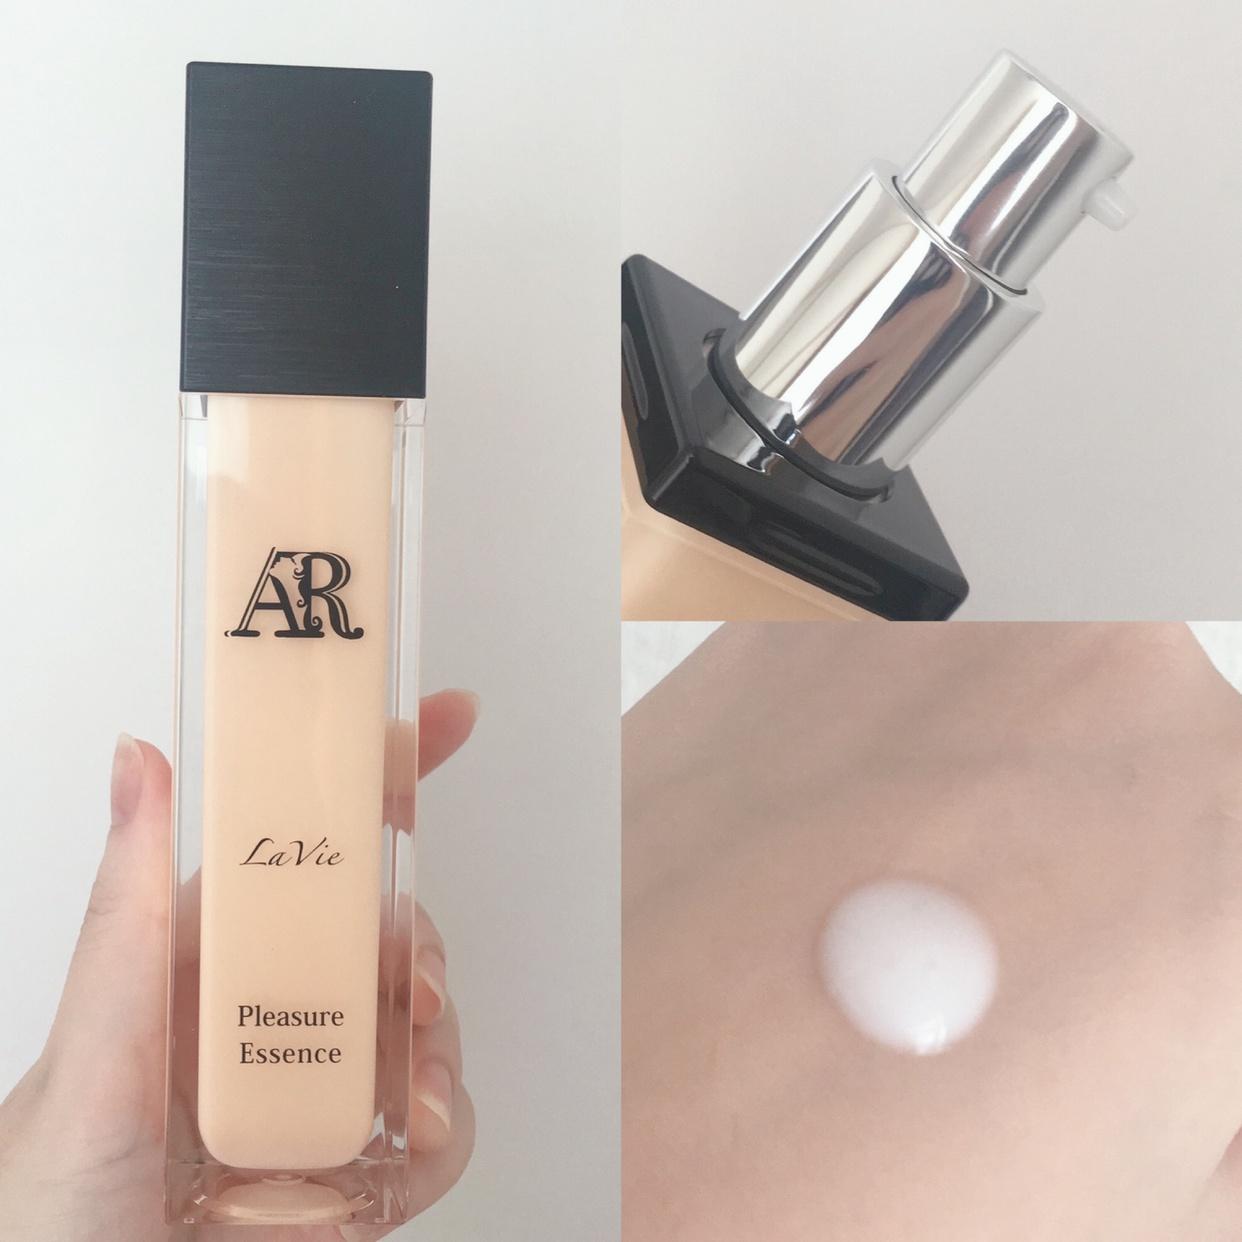 AR Cosmetics TOKYO(エーアールコスメティクストウキョウ) AR美容液を使ったyunaさんのクチコミ画像3